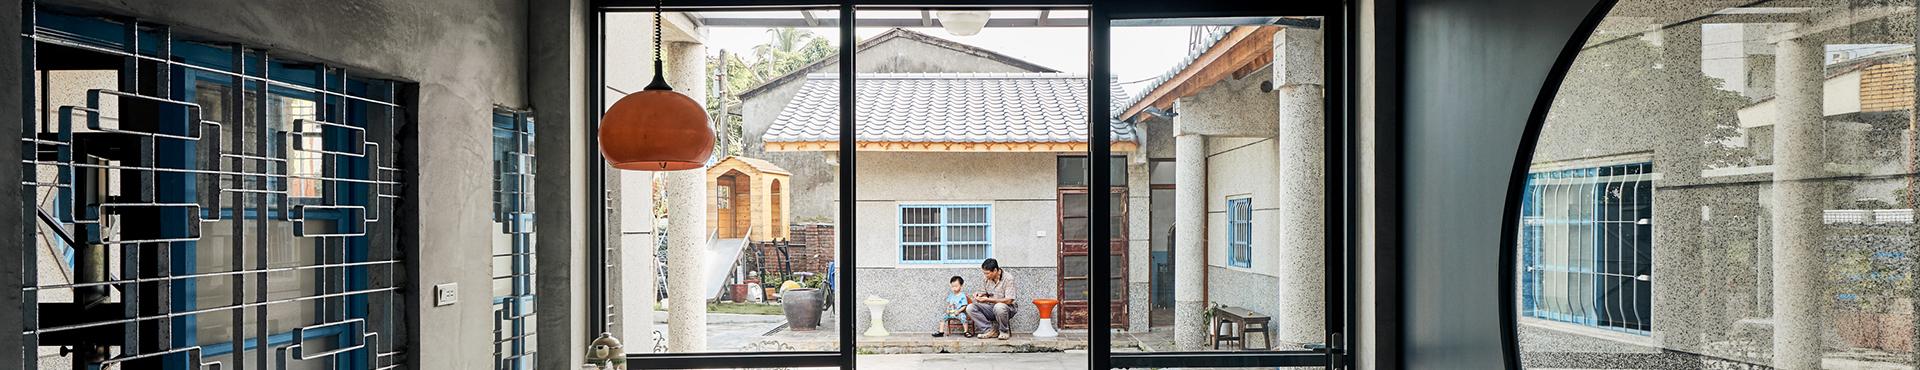 合院改造:老台灣的生活印記